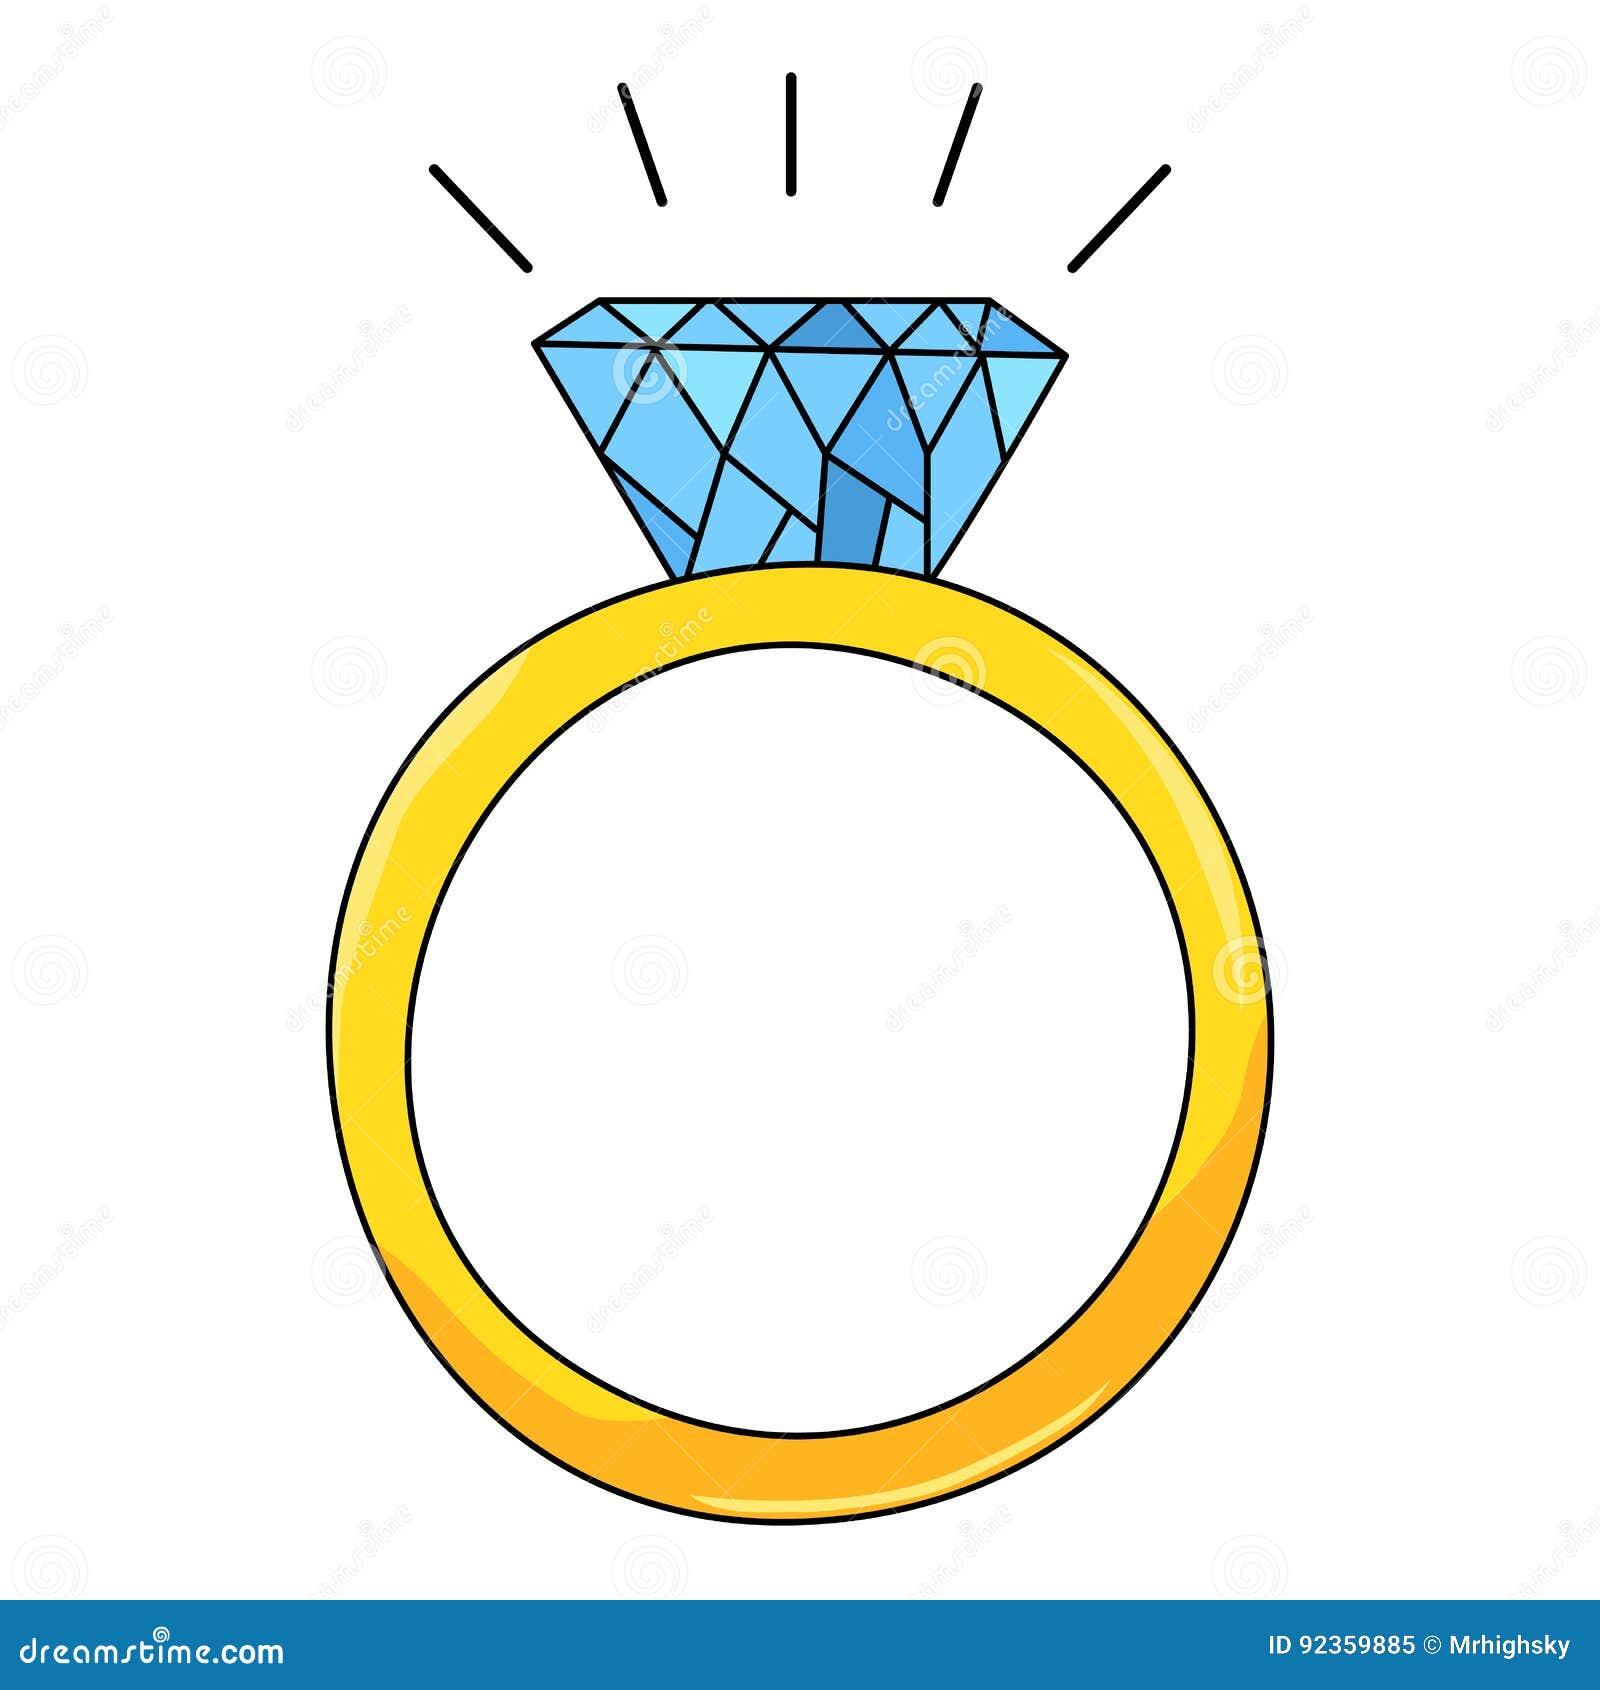 Crystal Wedding Rings 014 - Crystal Wedding Rings